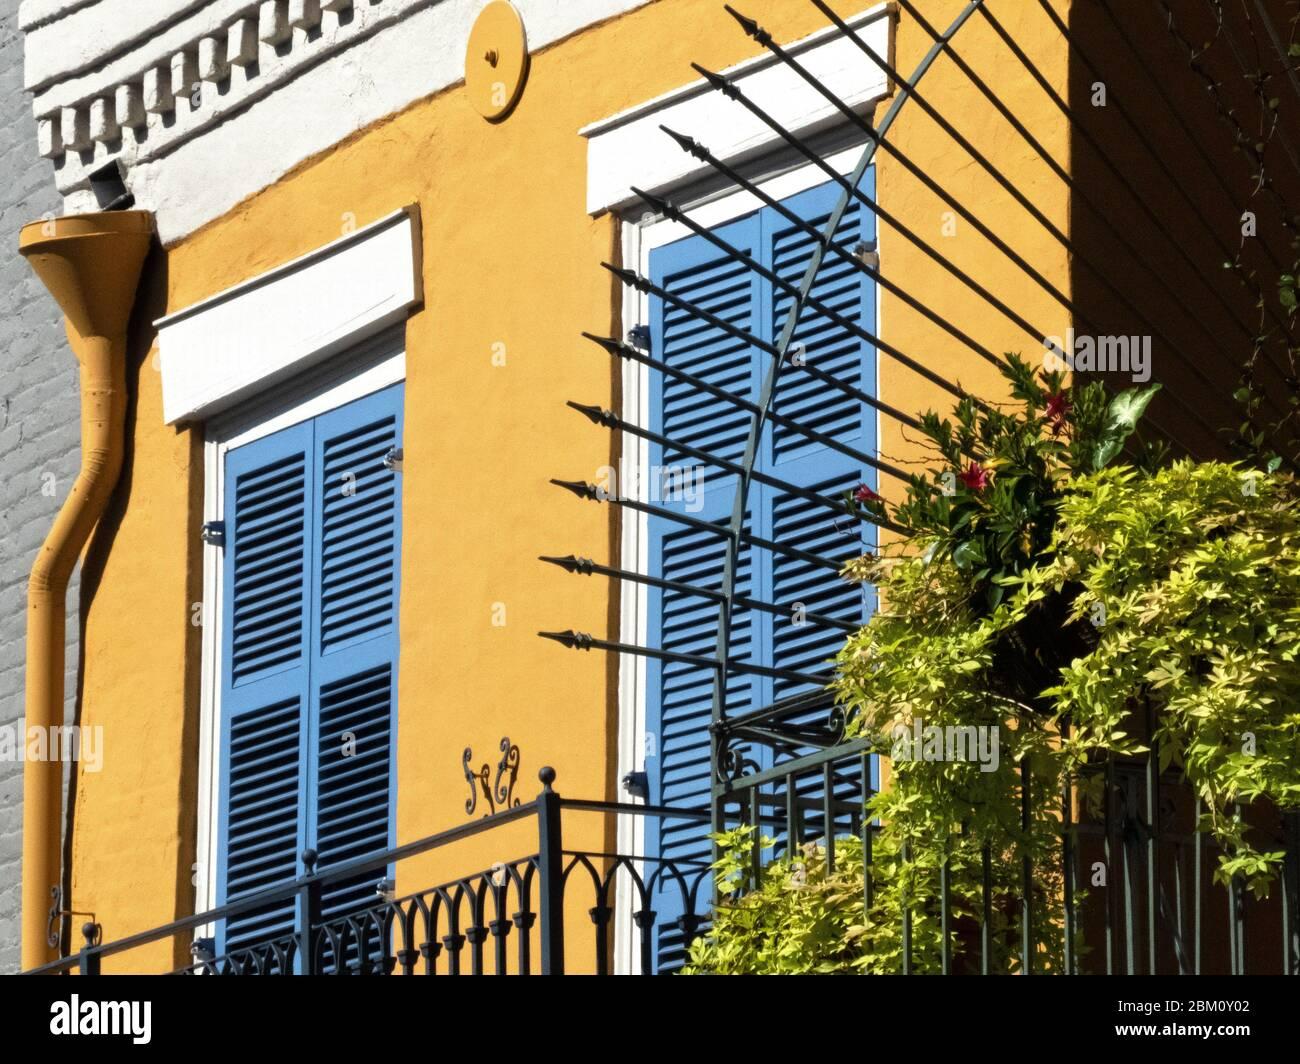 Rue dans le quartier français dans le centre-ville de la Nouvelle-Orléans, Louisiane, États-Unis, avec ses balcons typiques et des rampes en fer, Banque D'Images